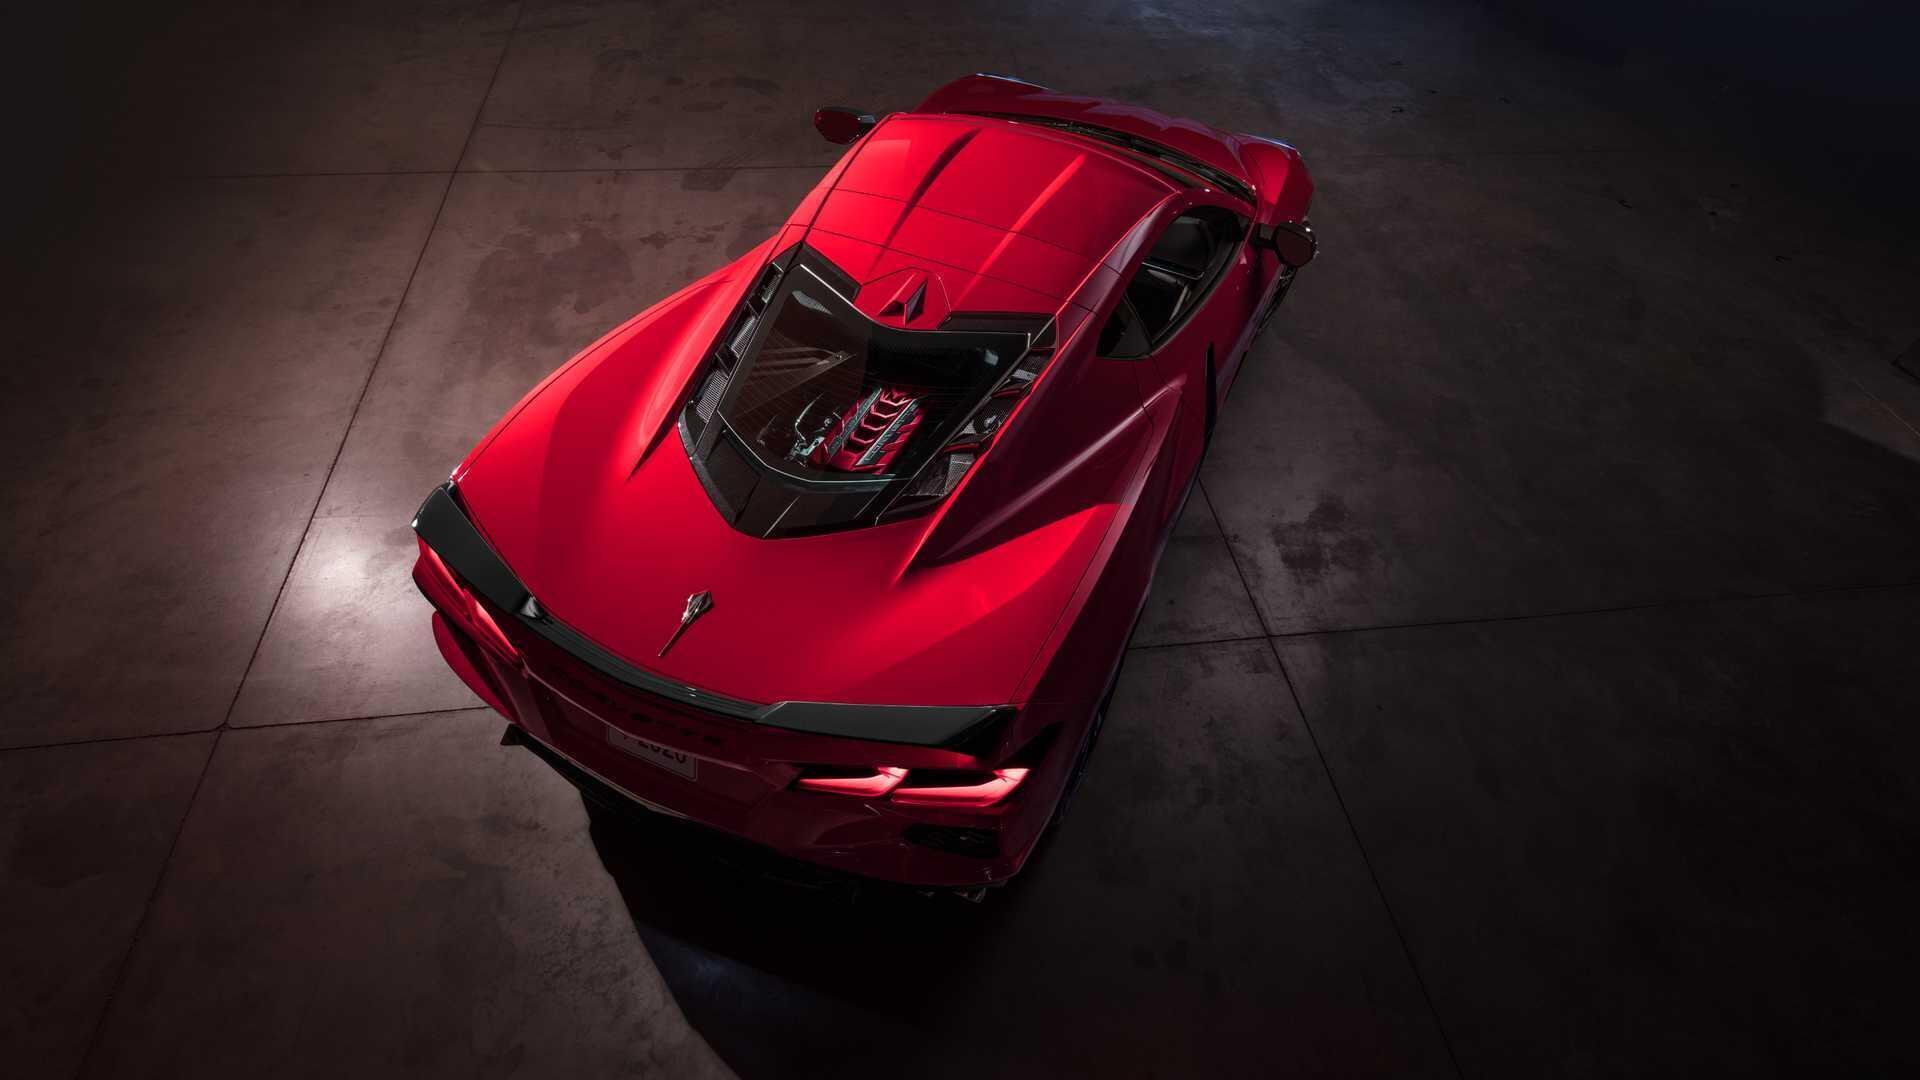 https://cdn.dailyxe.com.vn/image/chevrolet-corvette-2020-co-mot-so-tinh-nang-an-tuyet-voi-63-94572j2.jpg